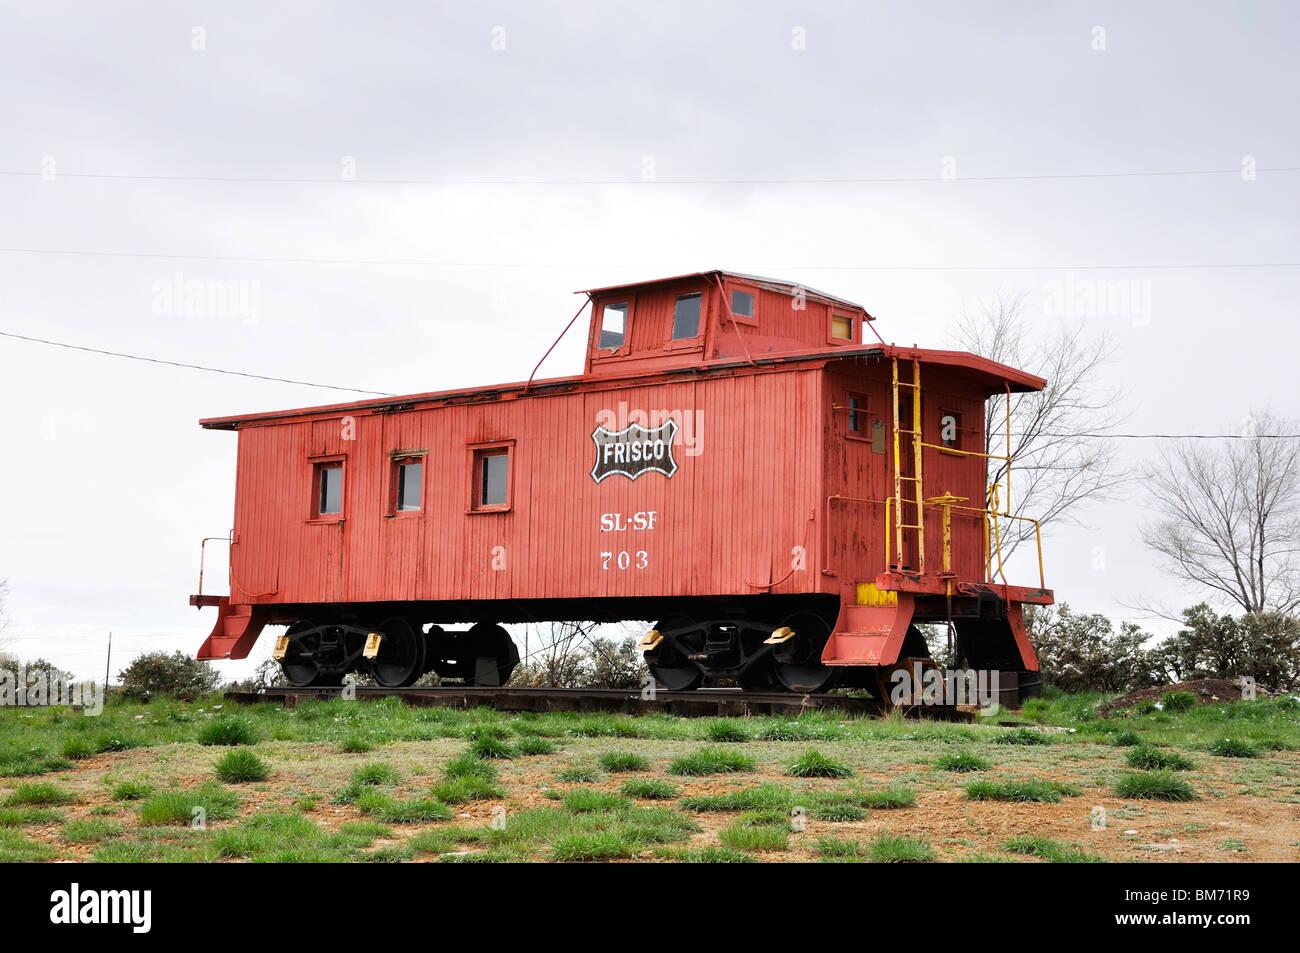 Frisco caboose, Taos, New Mexico, USA Stock Photo: 29658589